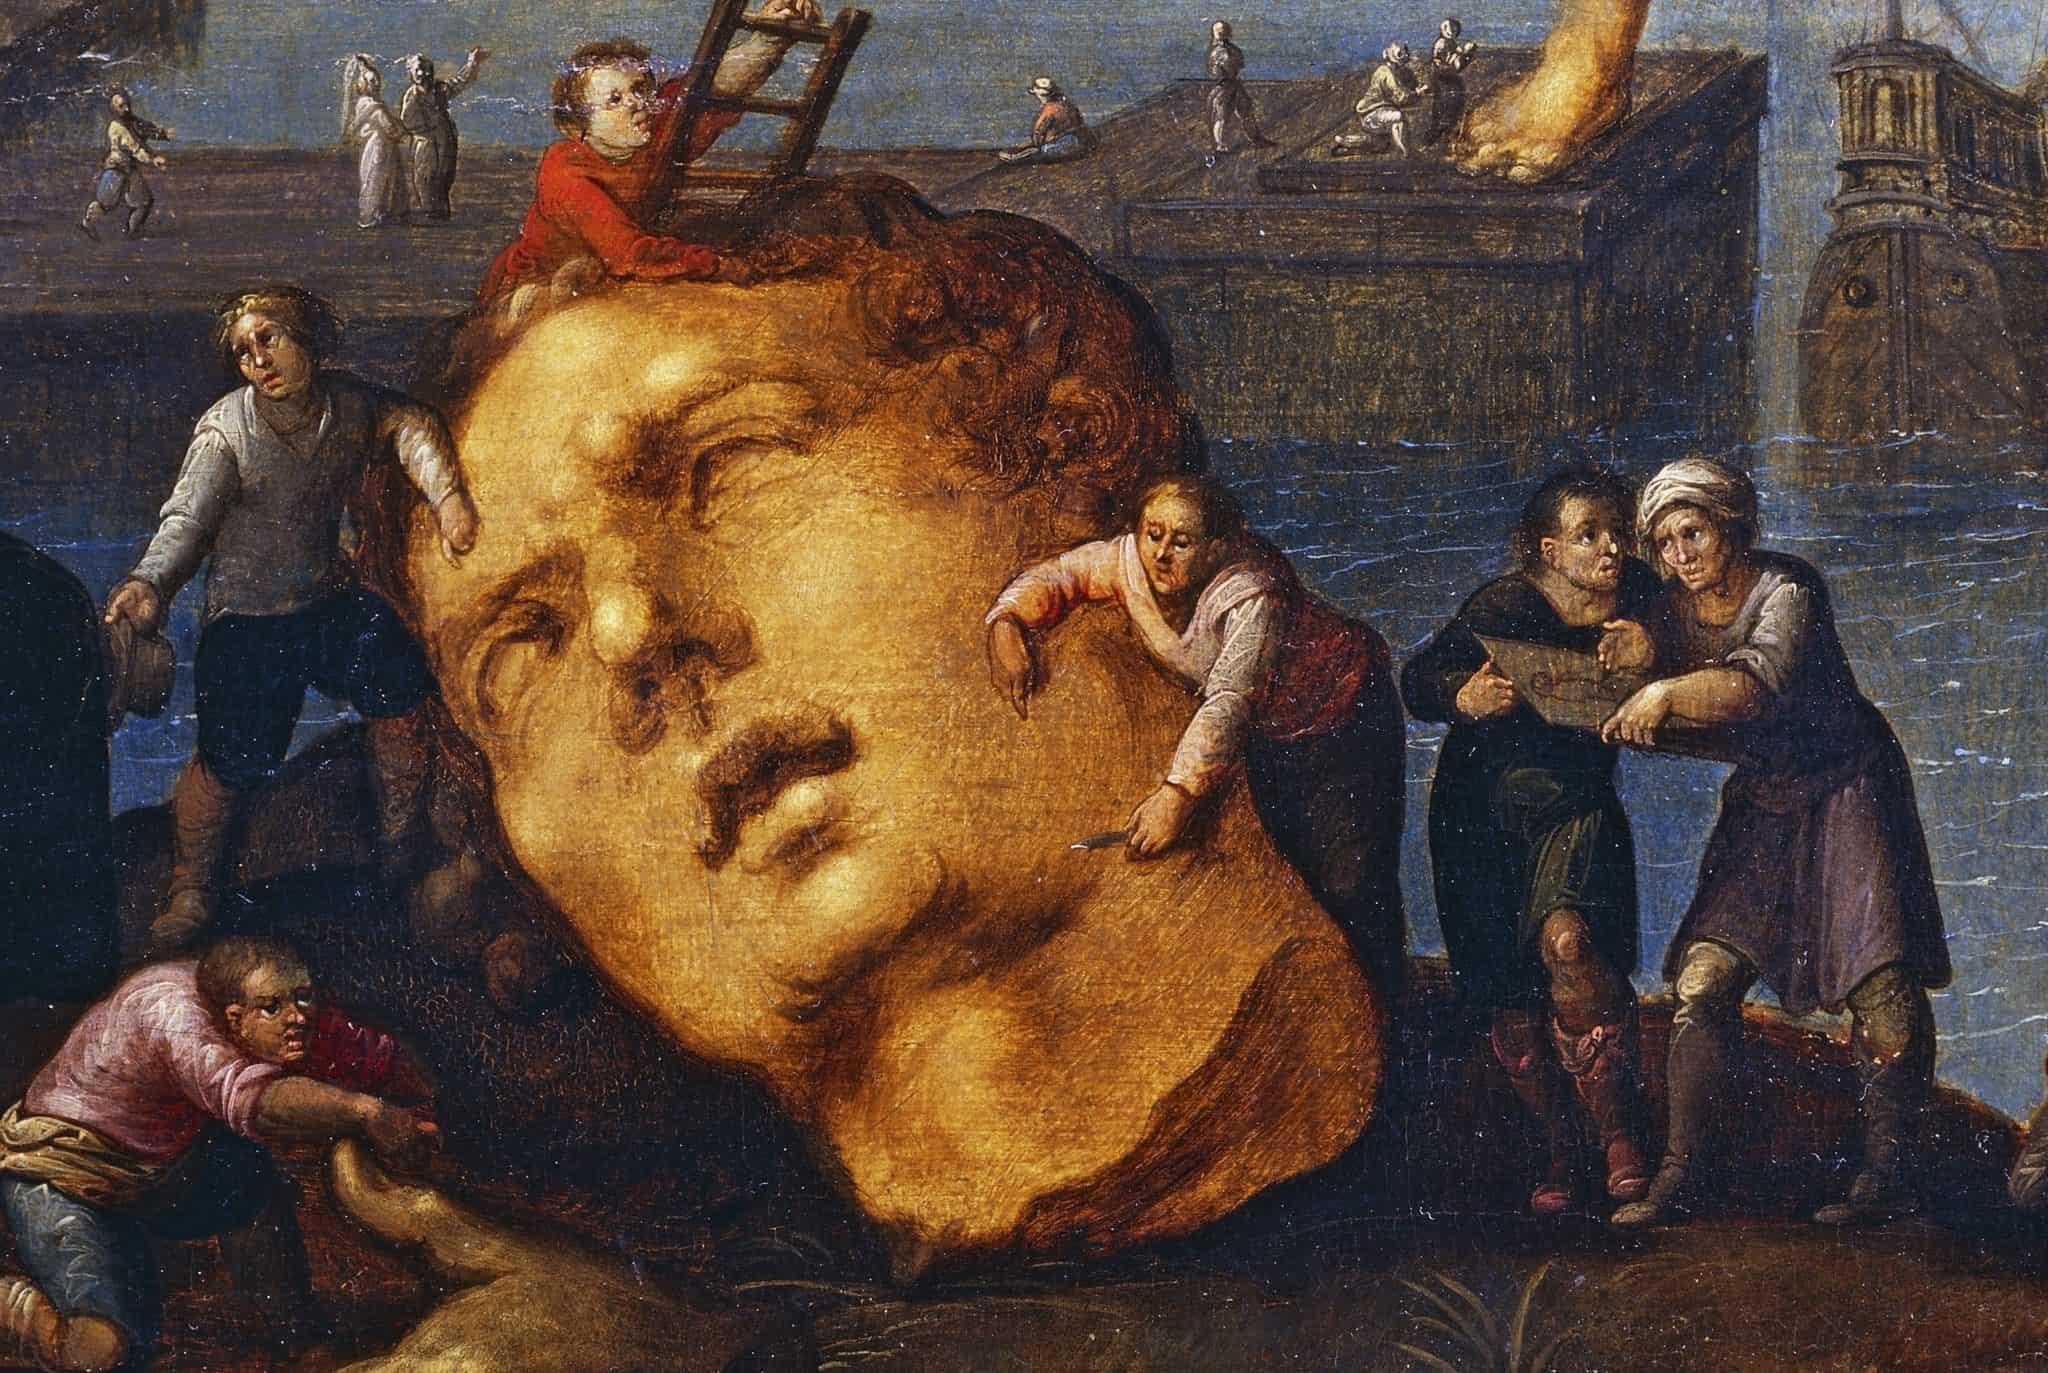 ״הקולוסוס מרודוס״ מאת לואיס דה קולרי 1580 - 1621. באדיבות גטי אימג׳ס